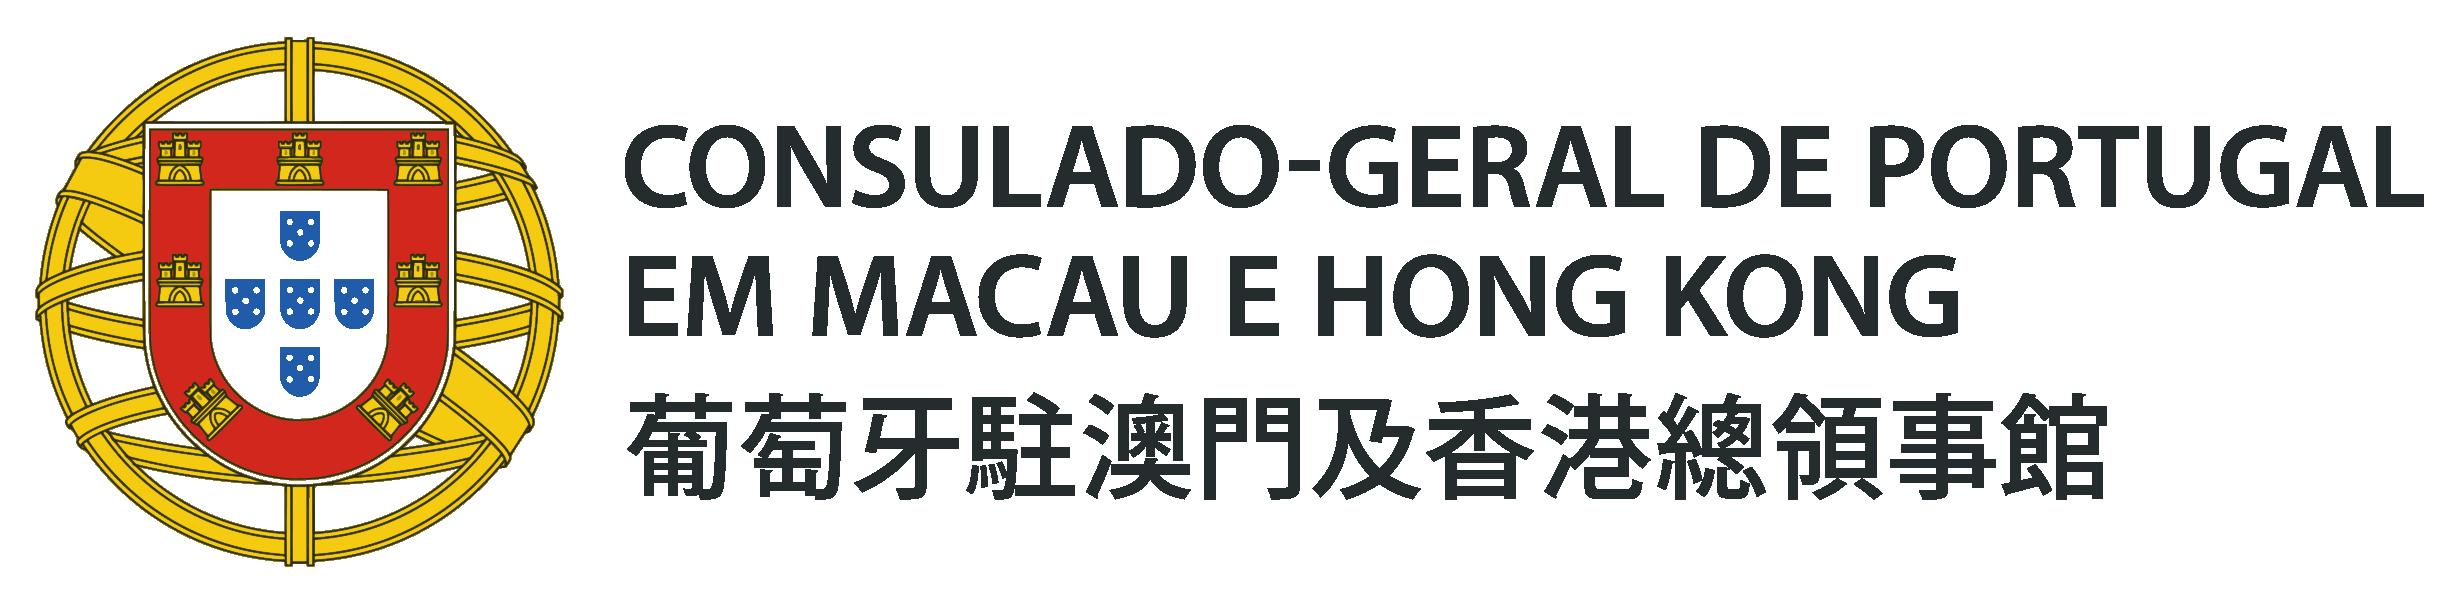 Consulado Portugal, macau